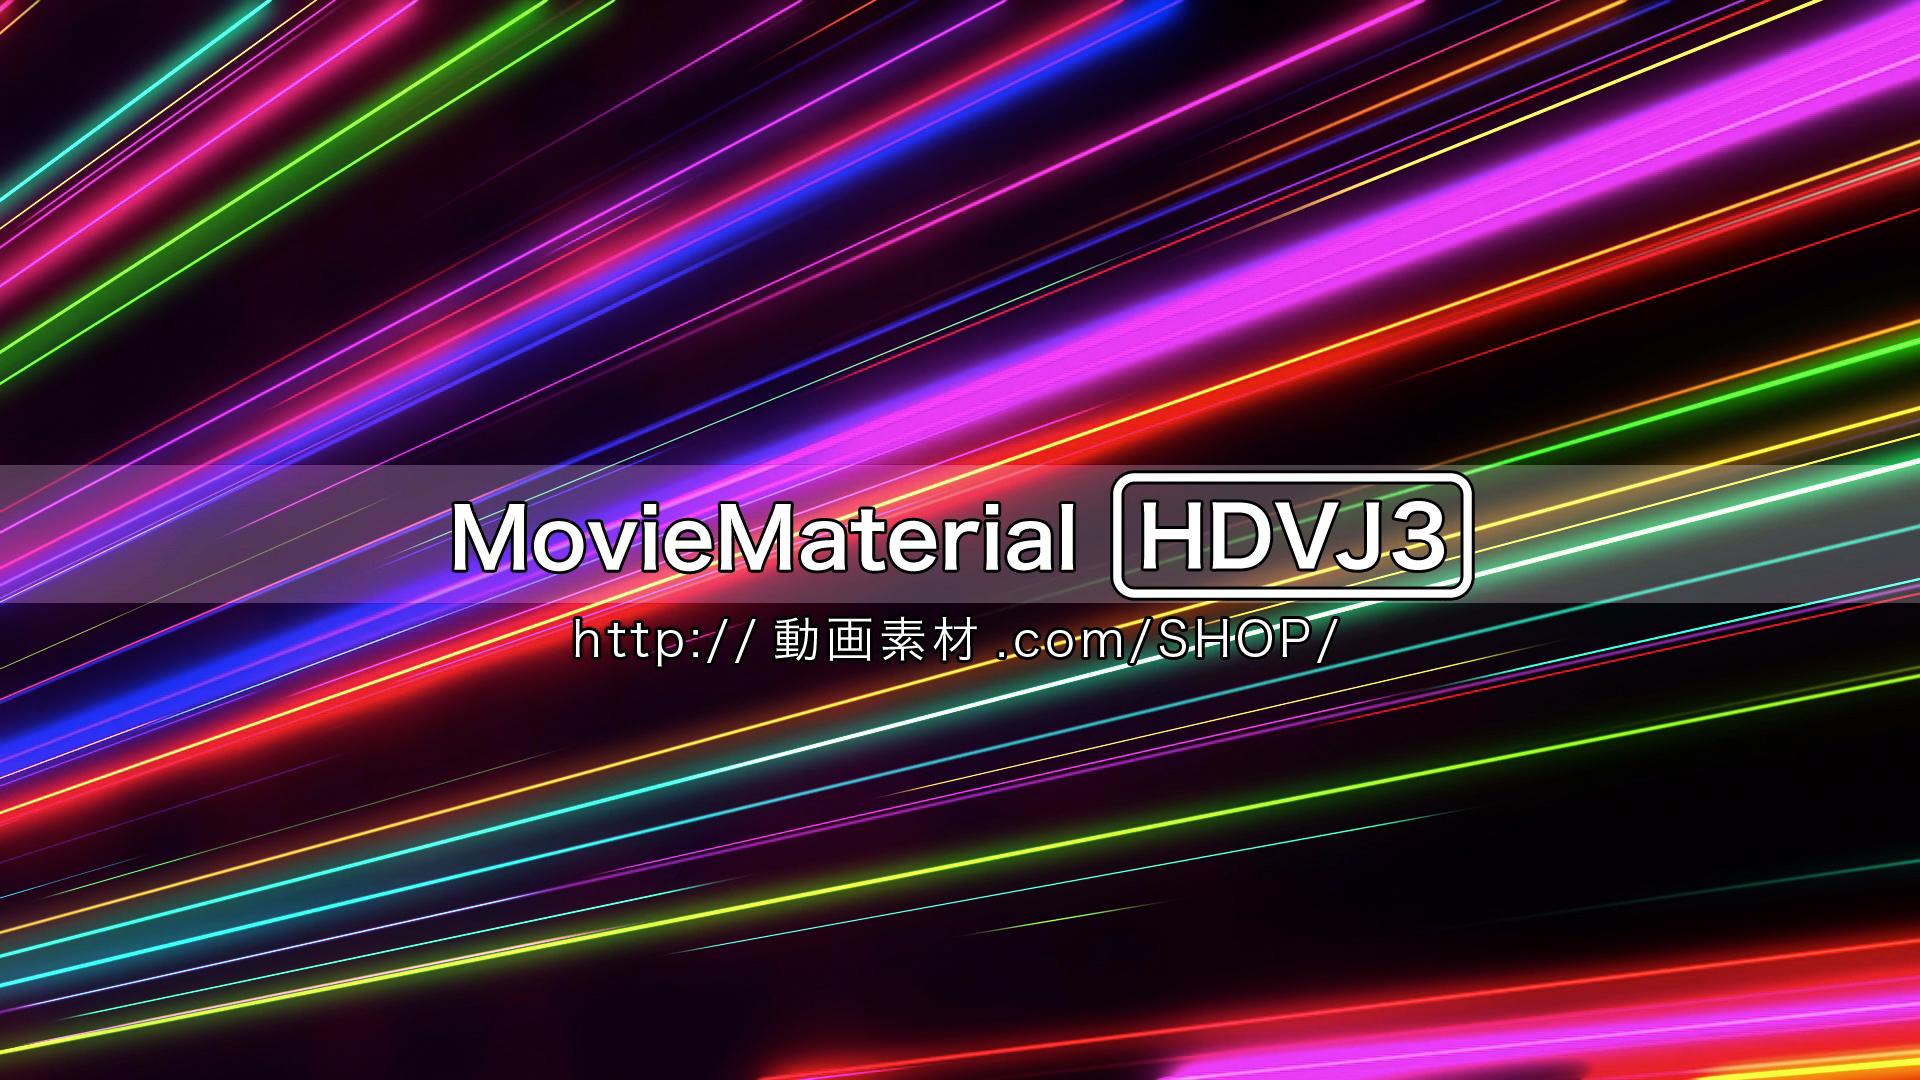 フルハイビジョン動画素材集第3段【MovieMaterial HDVJ3】image5